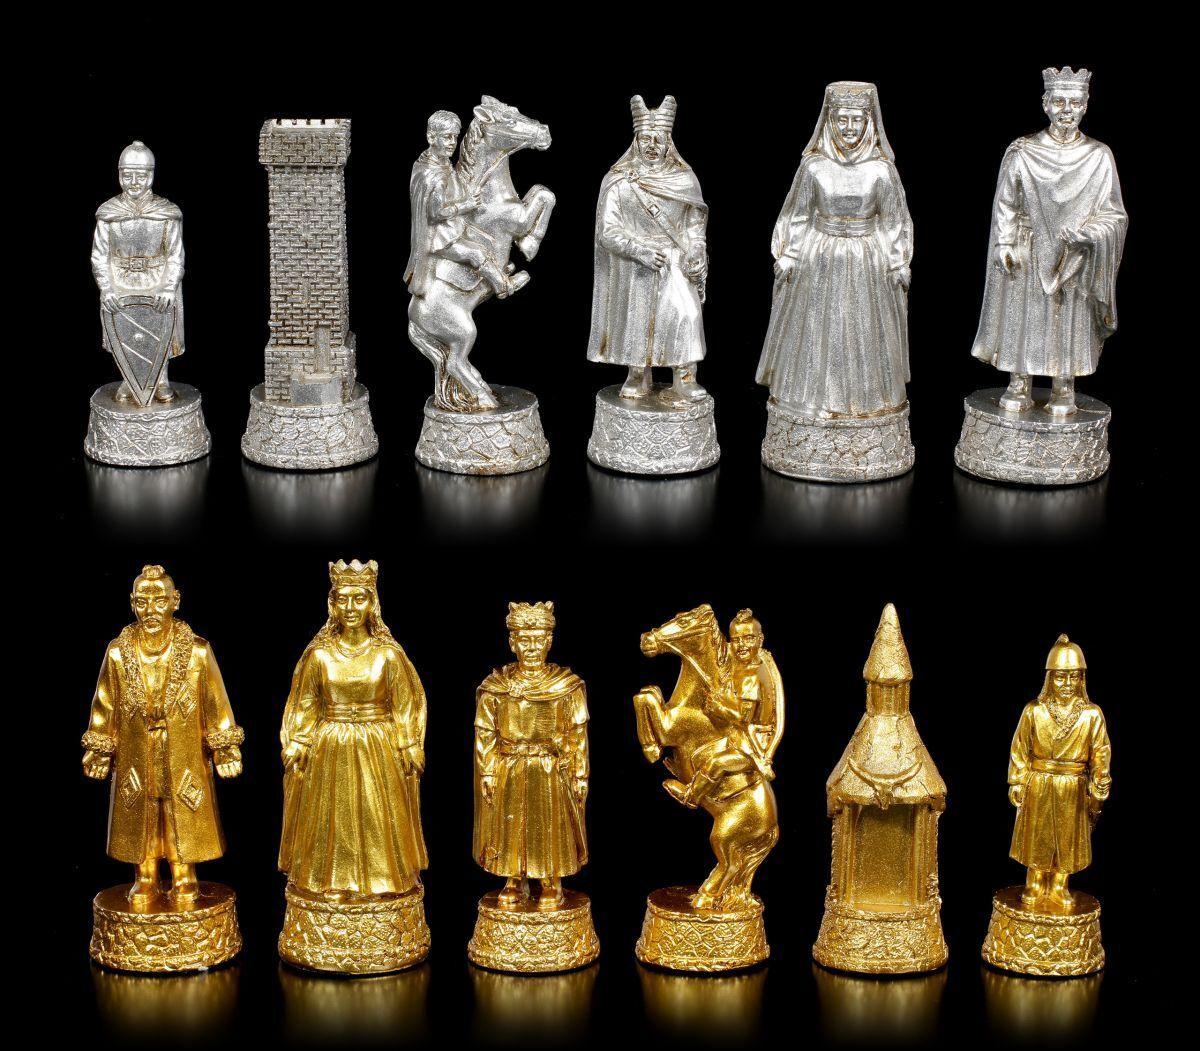 Figurines Figurines Figurines D'Échecs Set - Siegfried Princesse des Fées Nibelungen - Fantaisie 5af297